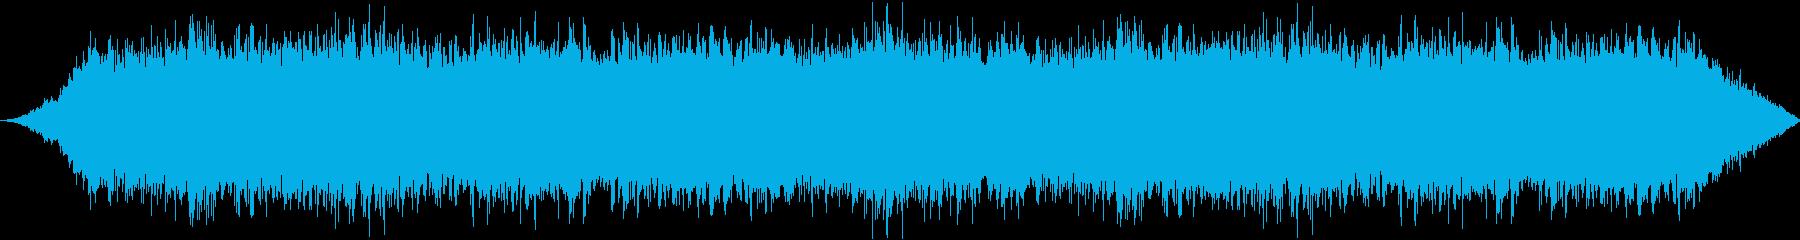 エイリアンコミュニケーションセンタ...の再生済みの波形